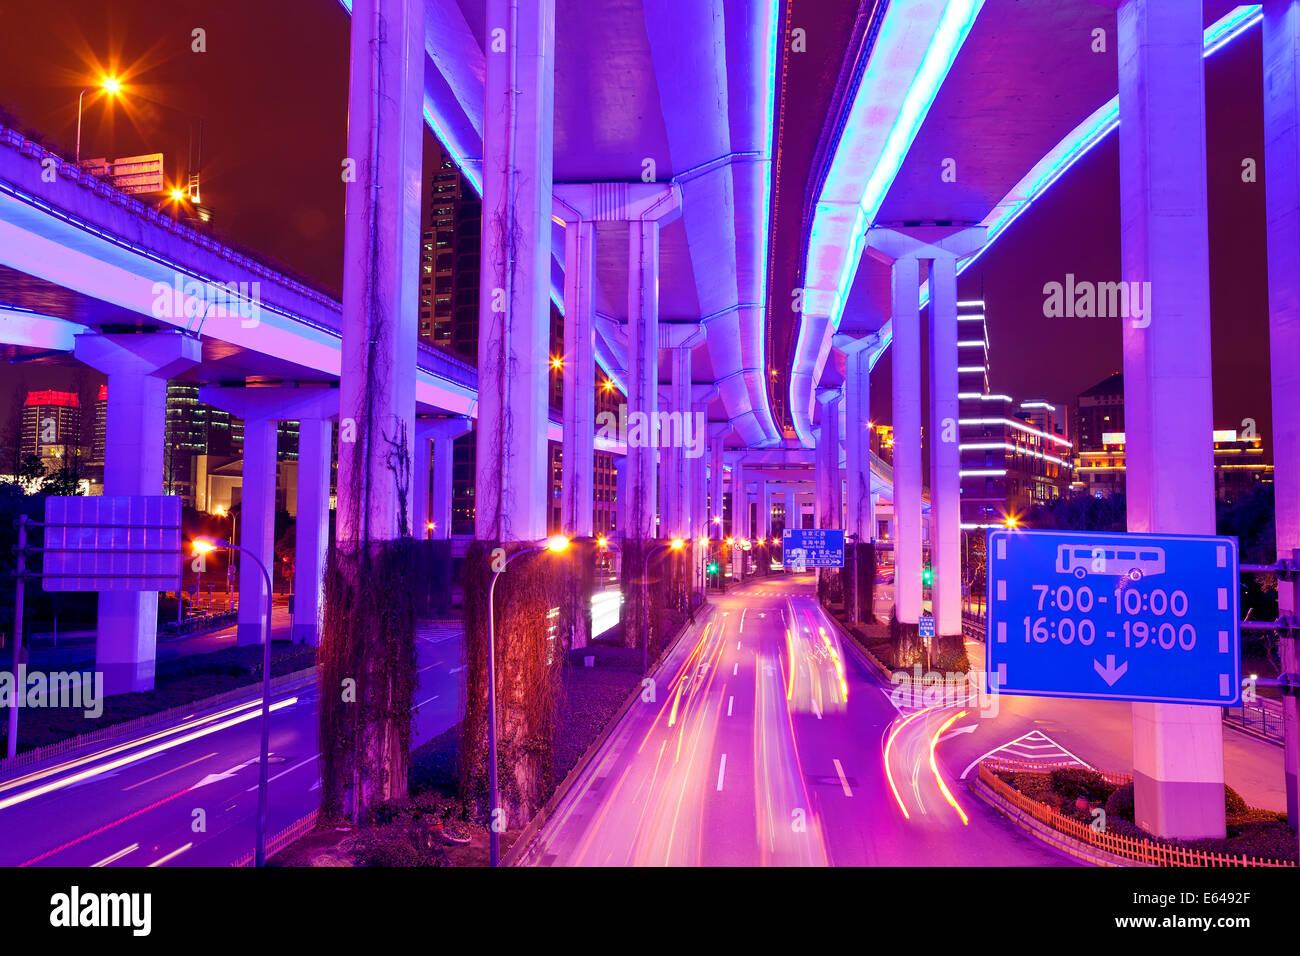 Illuminated flyovers, Shanghai, China - Stock Image